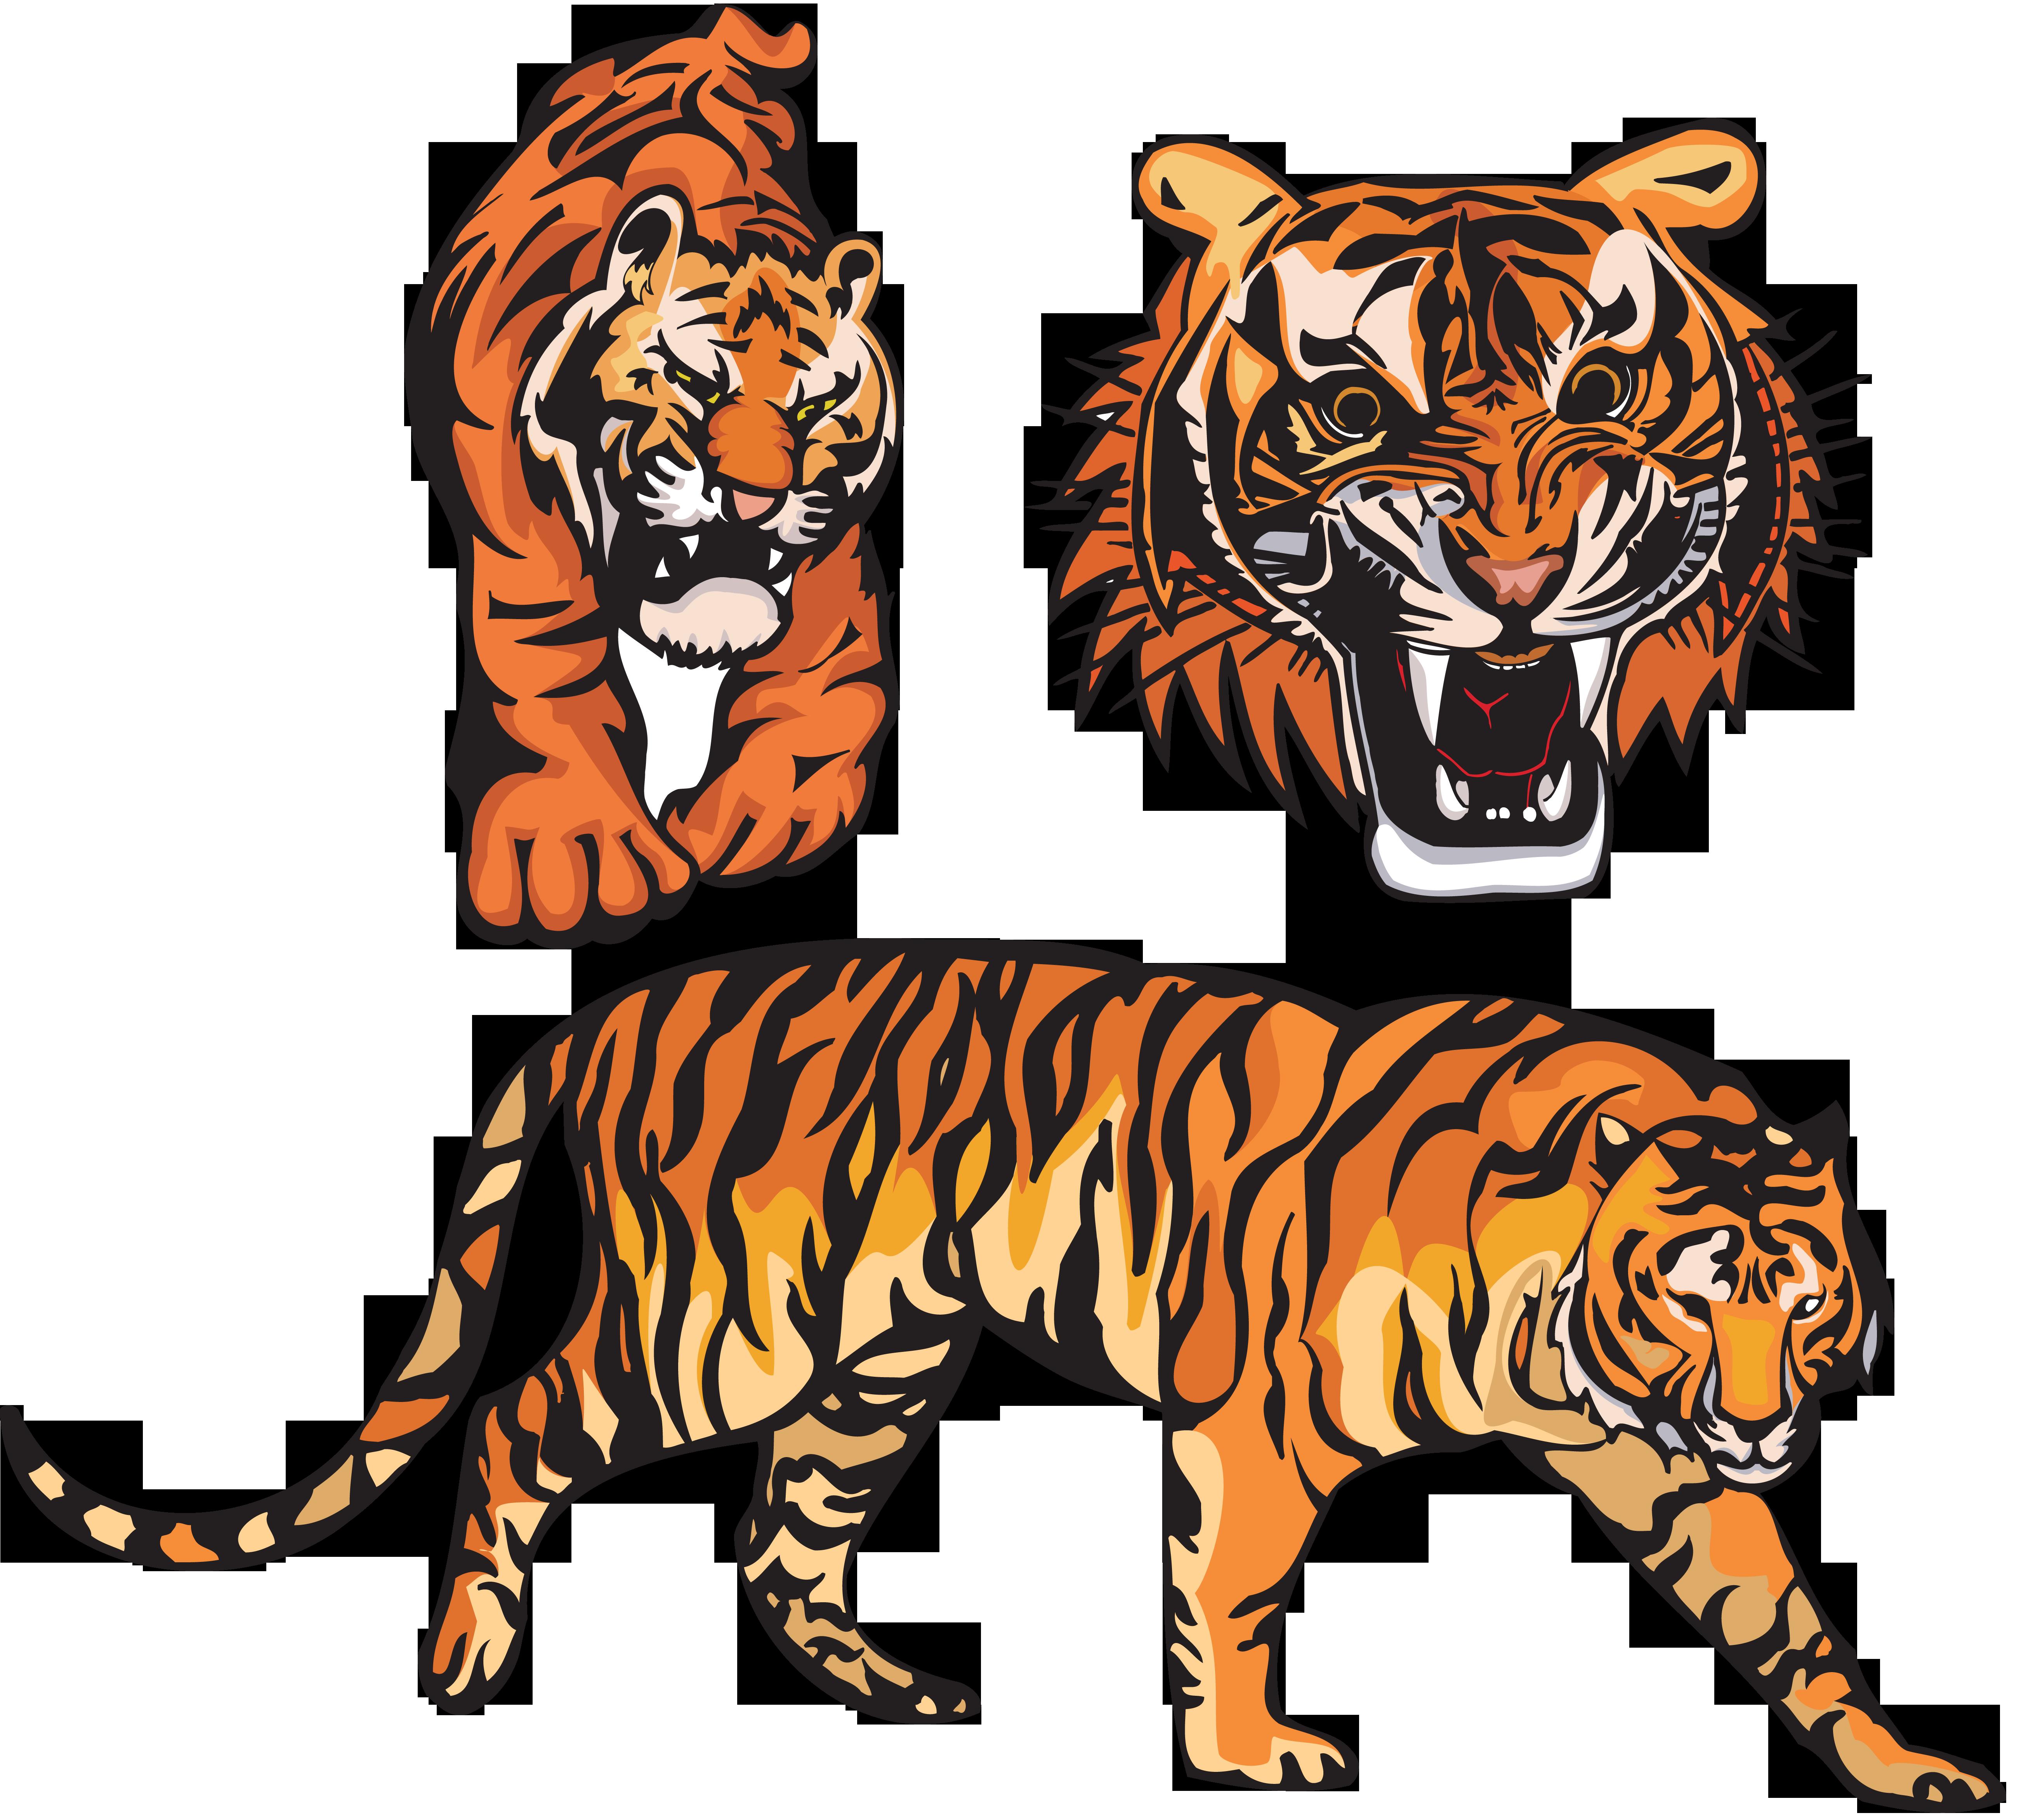 Тигр клипарт, бесплатные фото, обои ...: pictures11.ru/tigr-klipart.html